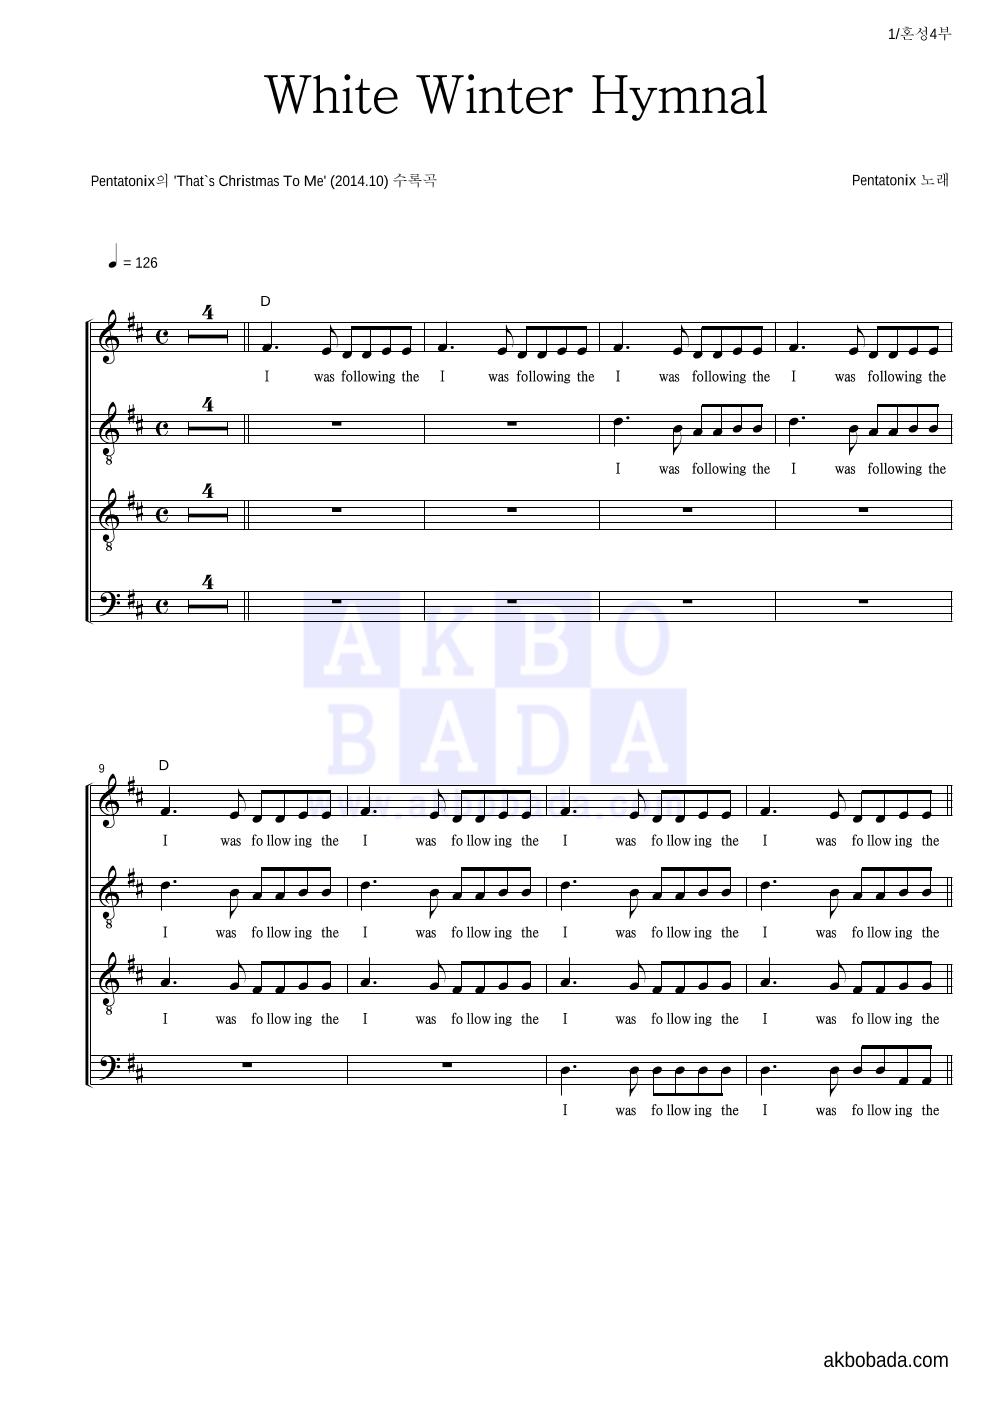 Pentatonix - White Winter Hymnal  악보